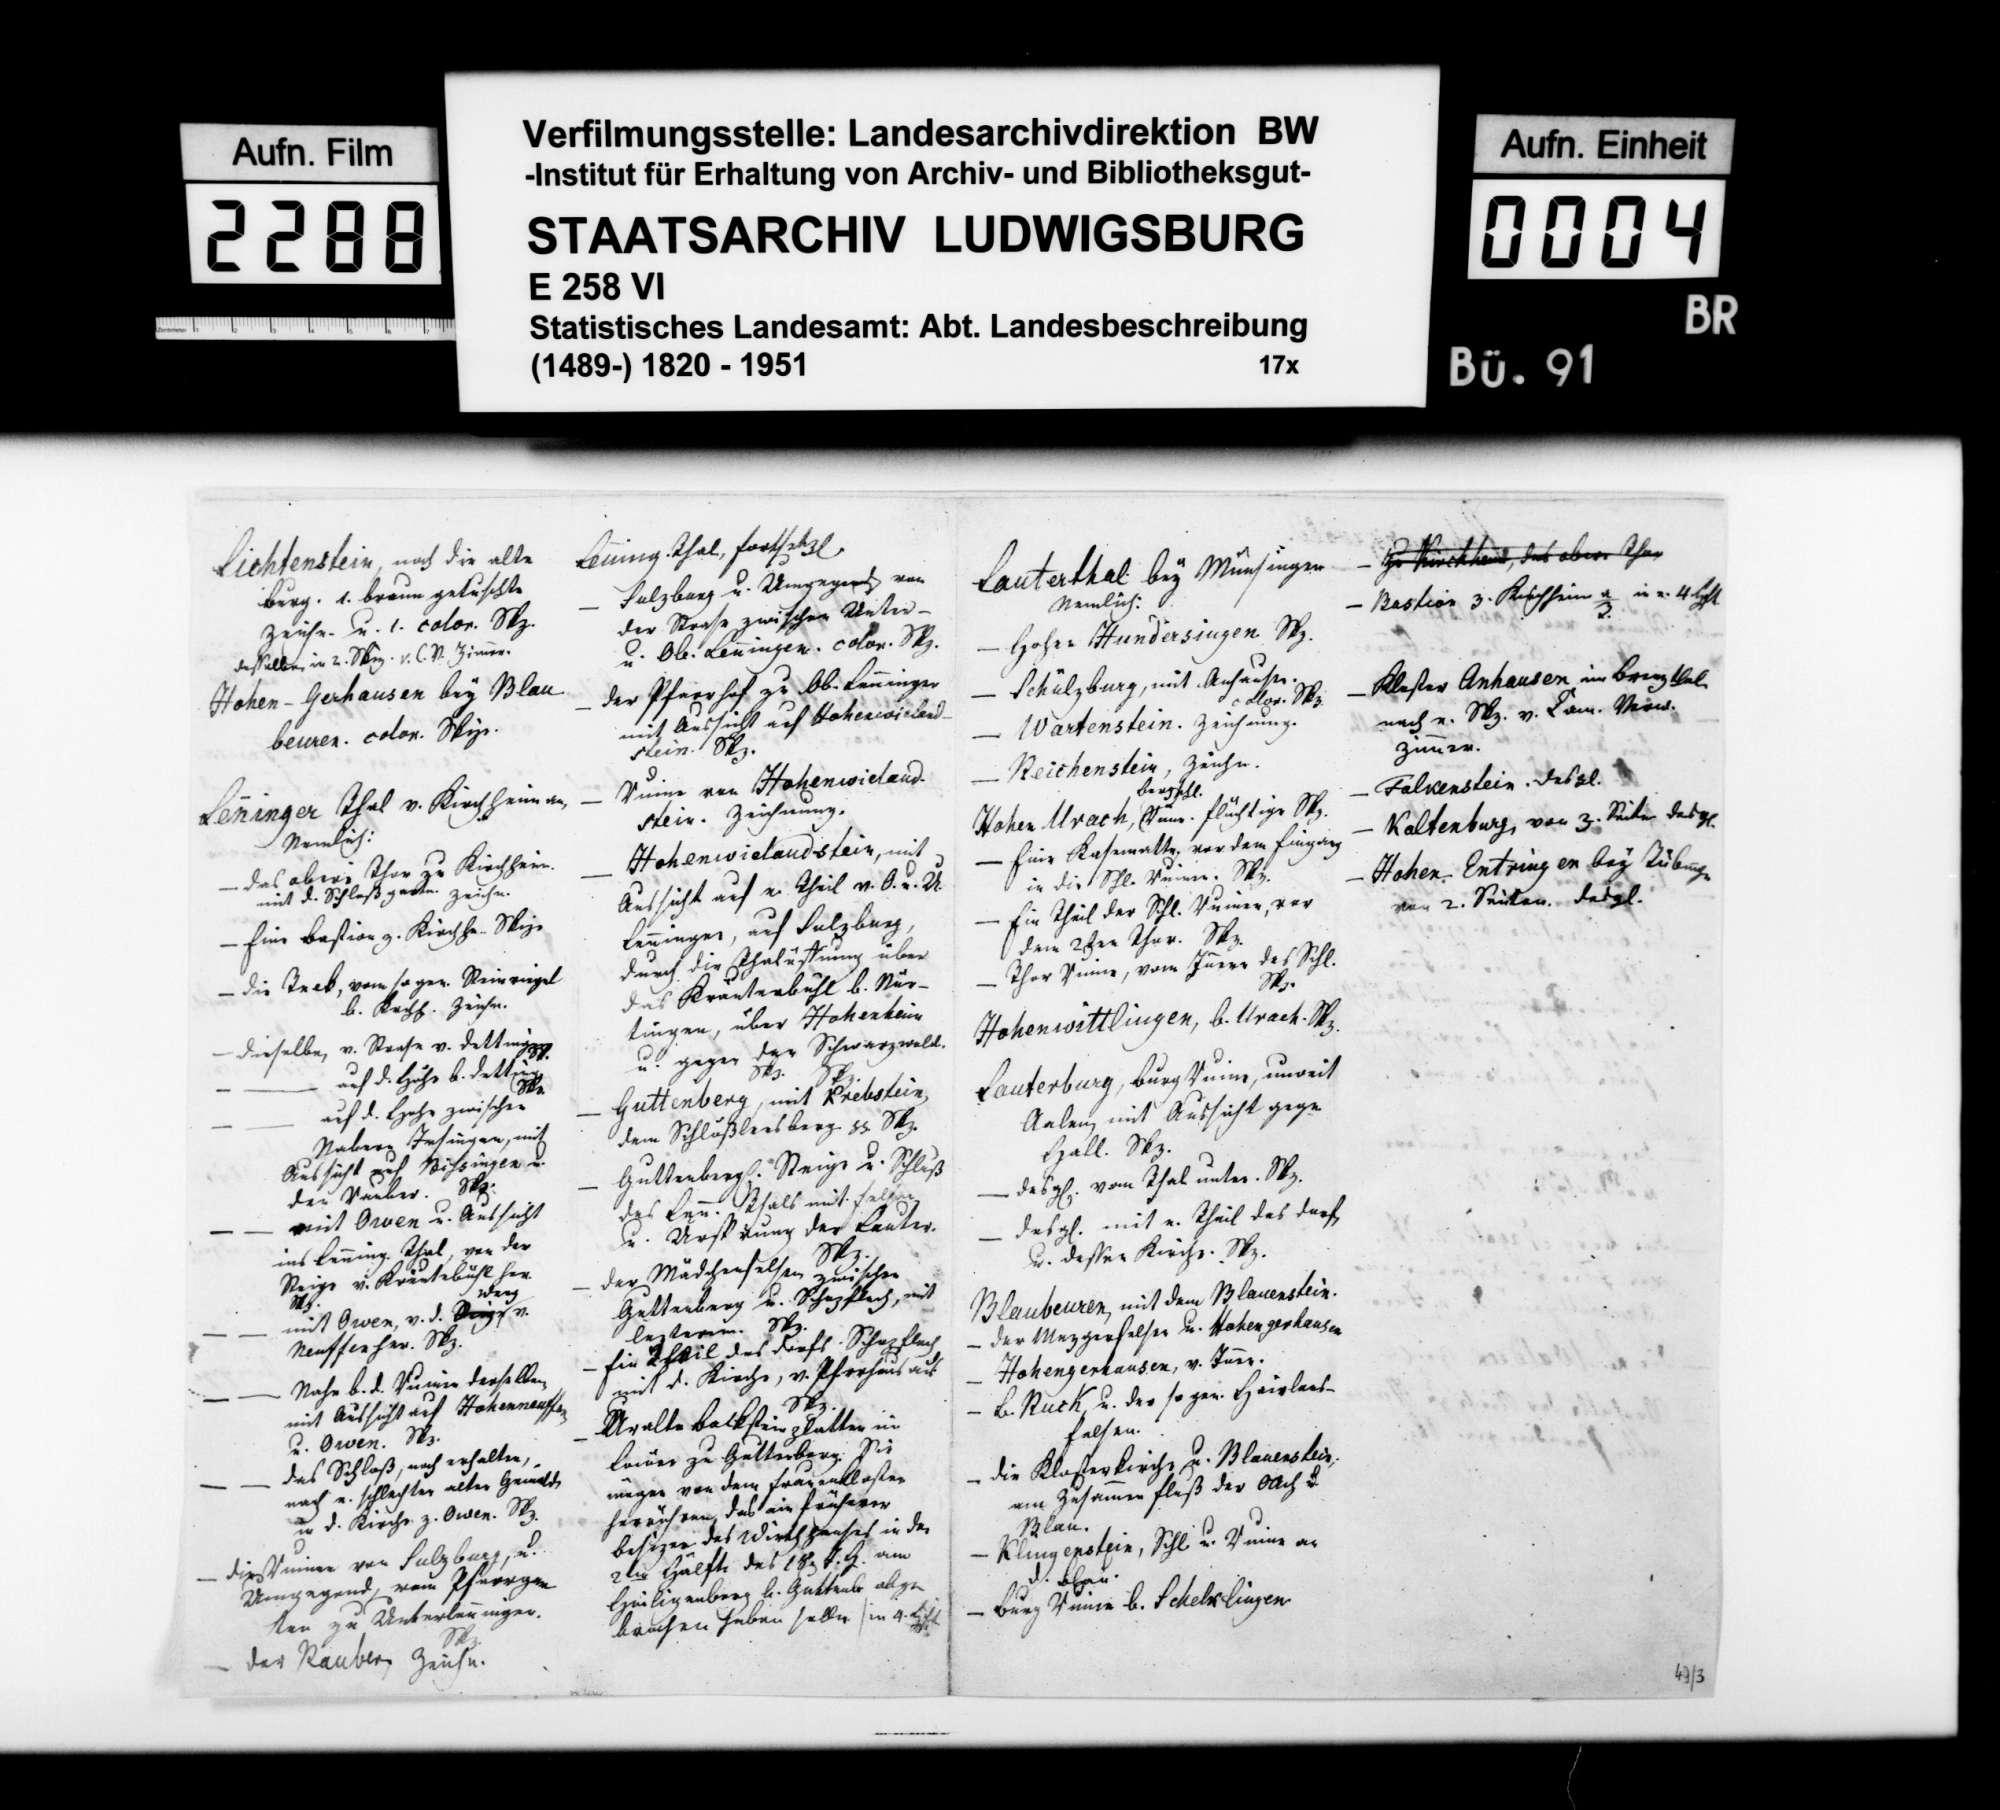 Listen, Bemerkungen und Konzepte [des Hofkupferstechers August Seyffer] zum Verfall und Erhalt der Kunst- und Altertumsdenkmale in Württemberg, Bild 3